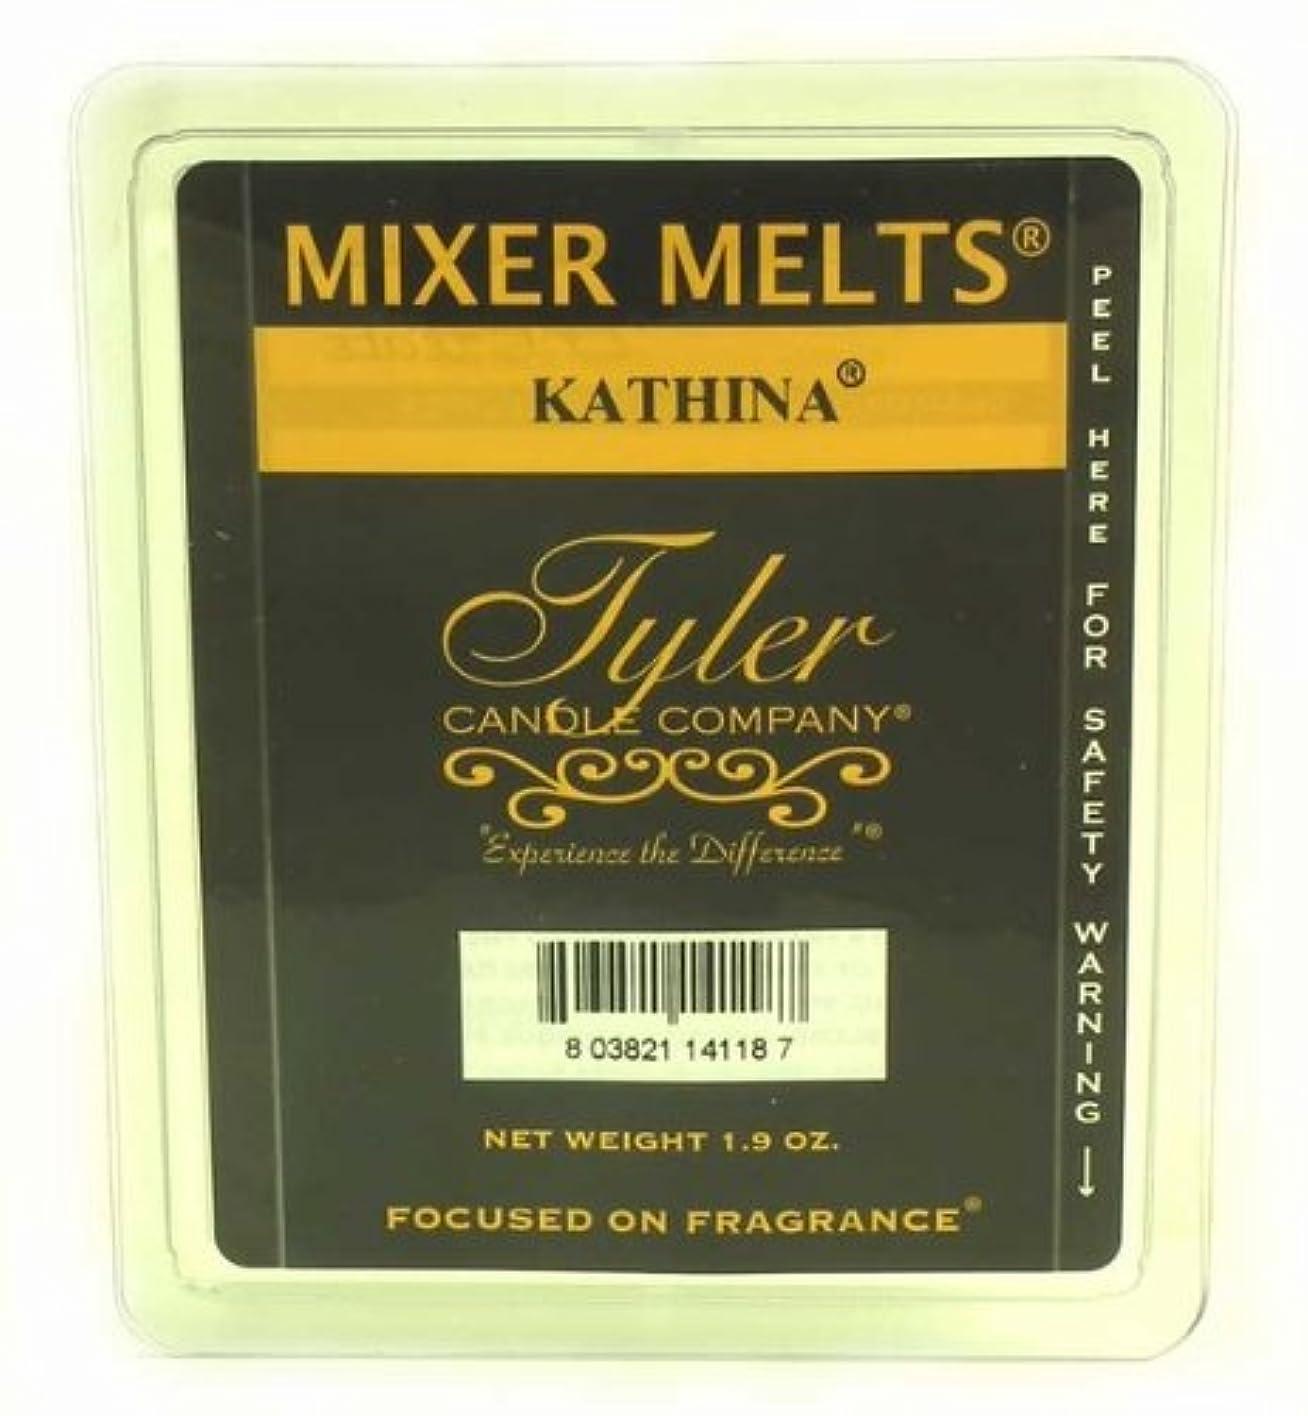 カバレッジコミットメント十億Tyler Candles Mixer Melts - Kathina by Tyler Candles